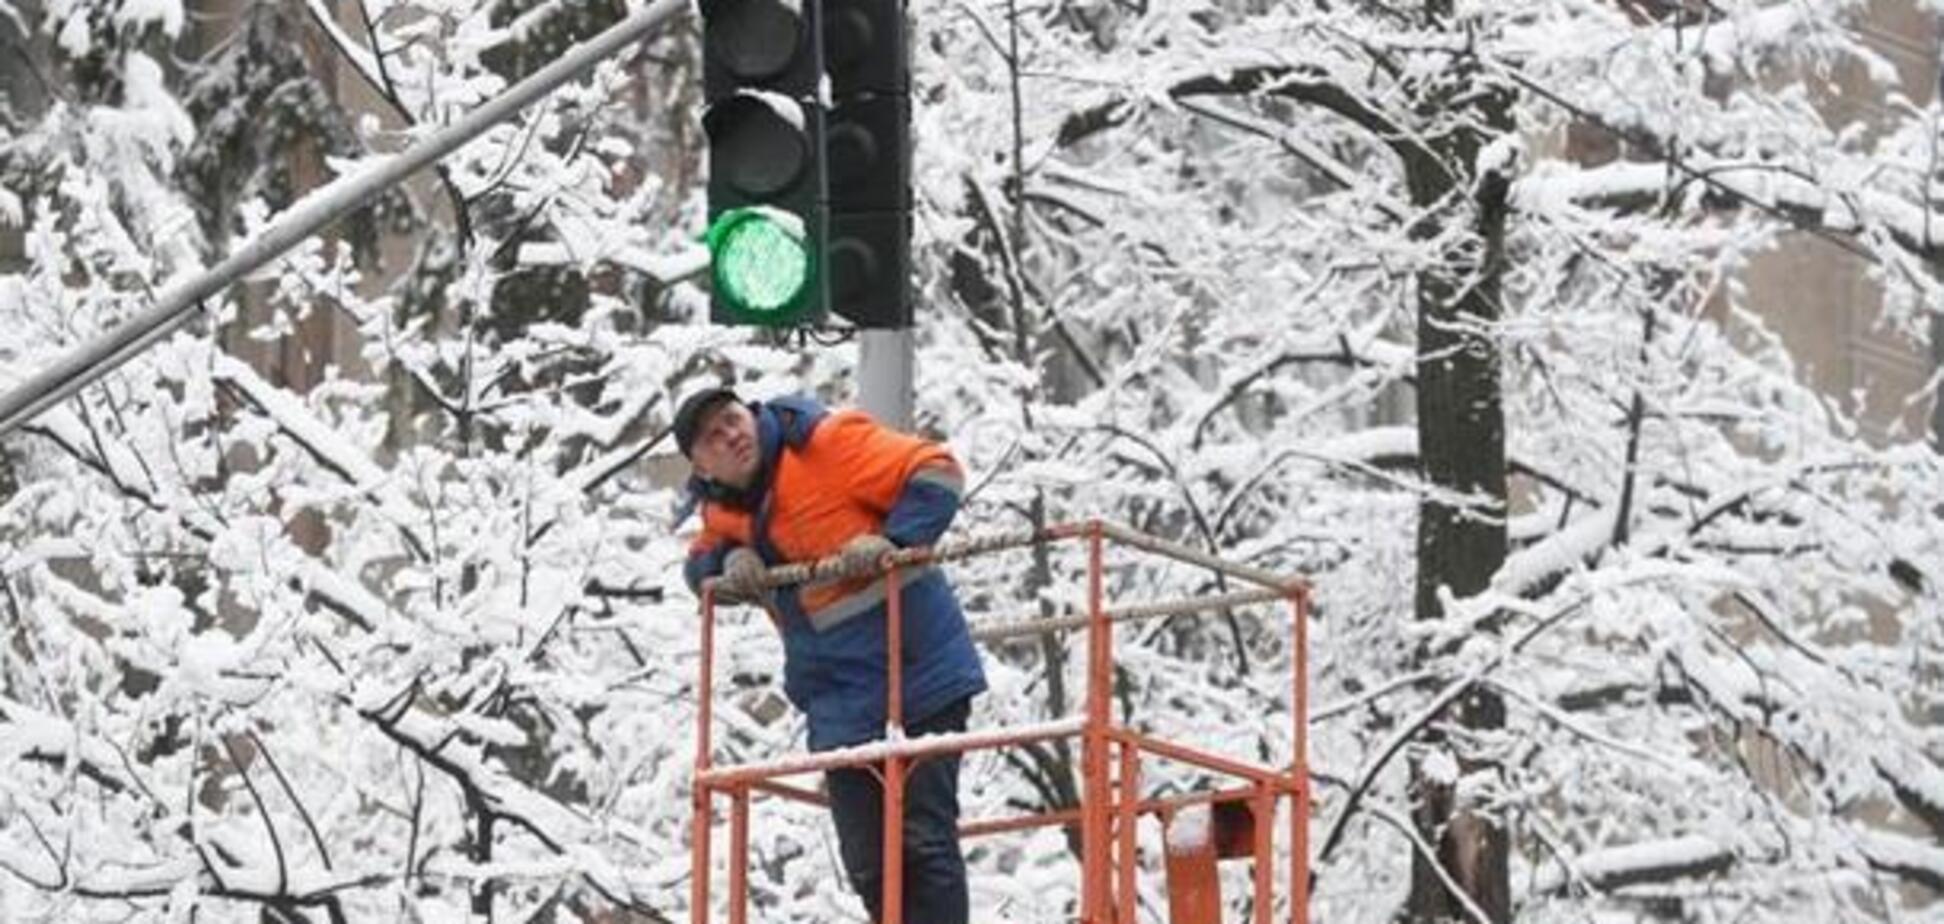 Пришла зима! Синоптики дали снежный и морозный прогноз по Украине